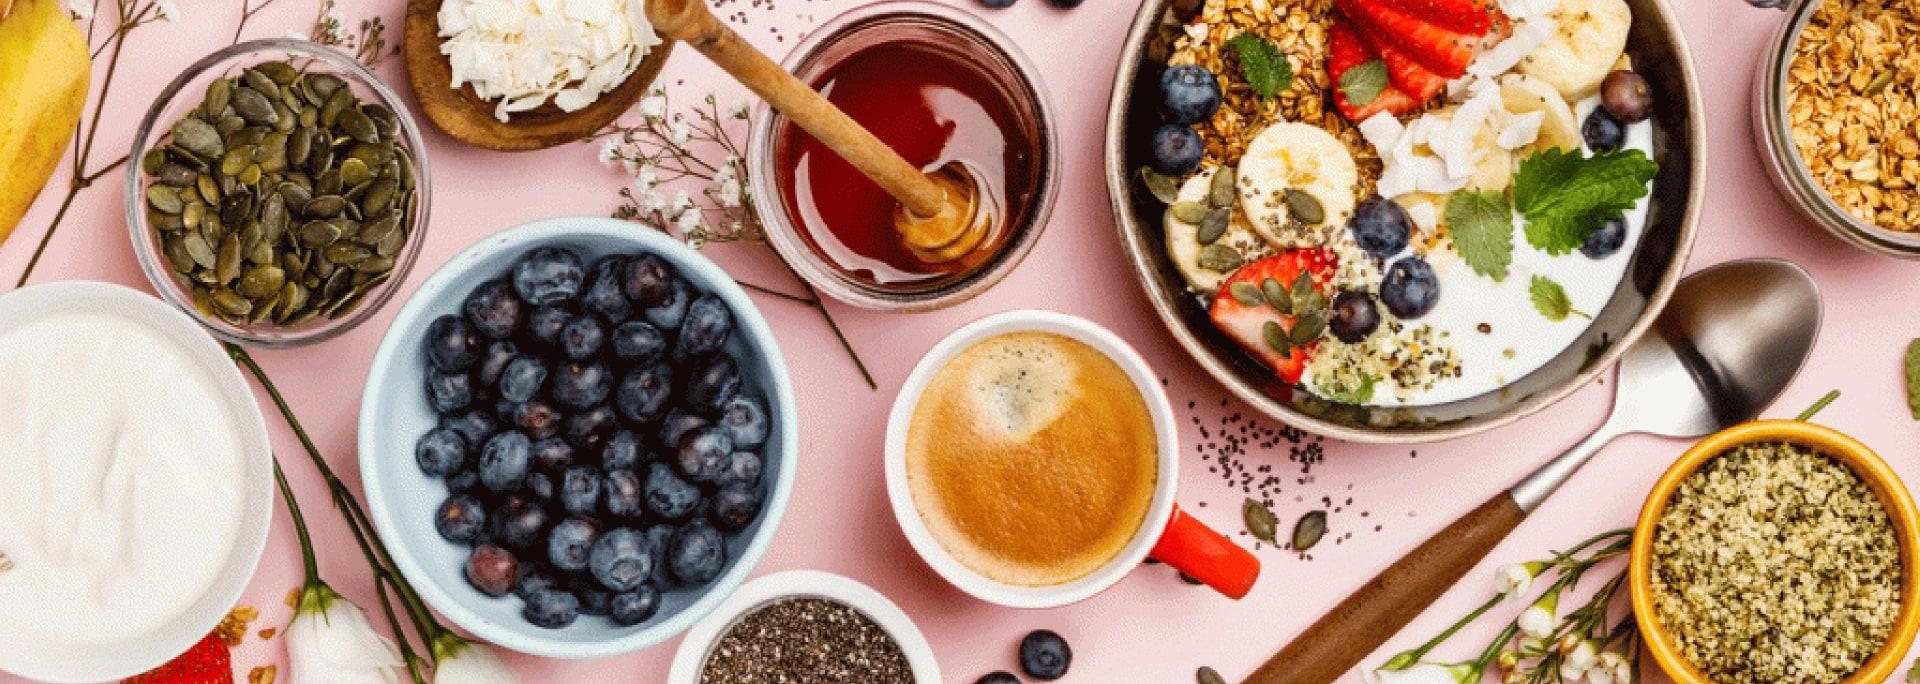 colazione-alimentazione-hero